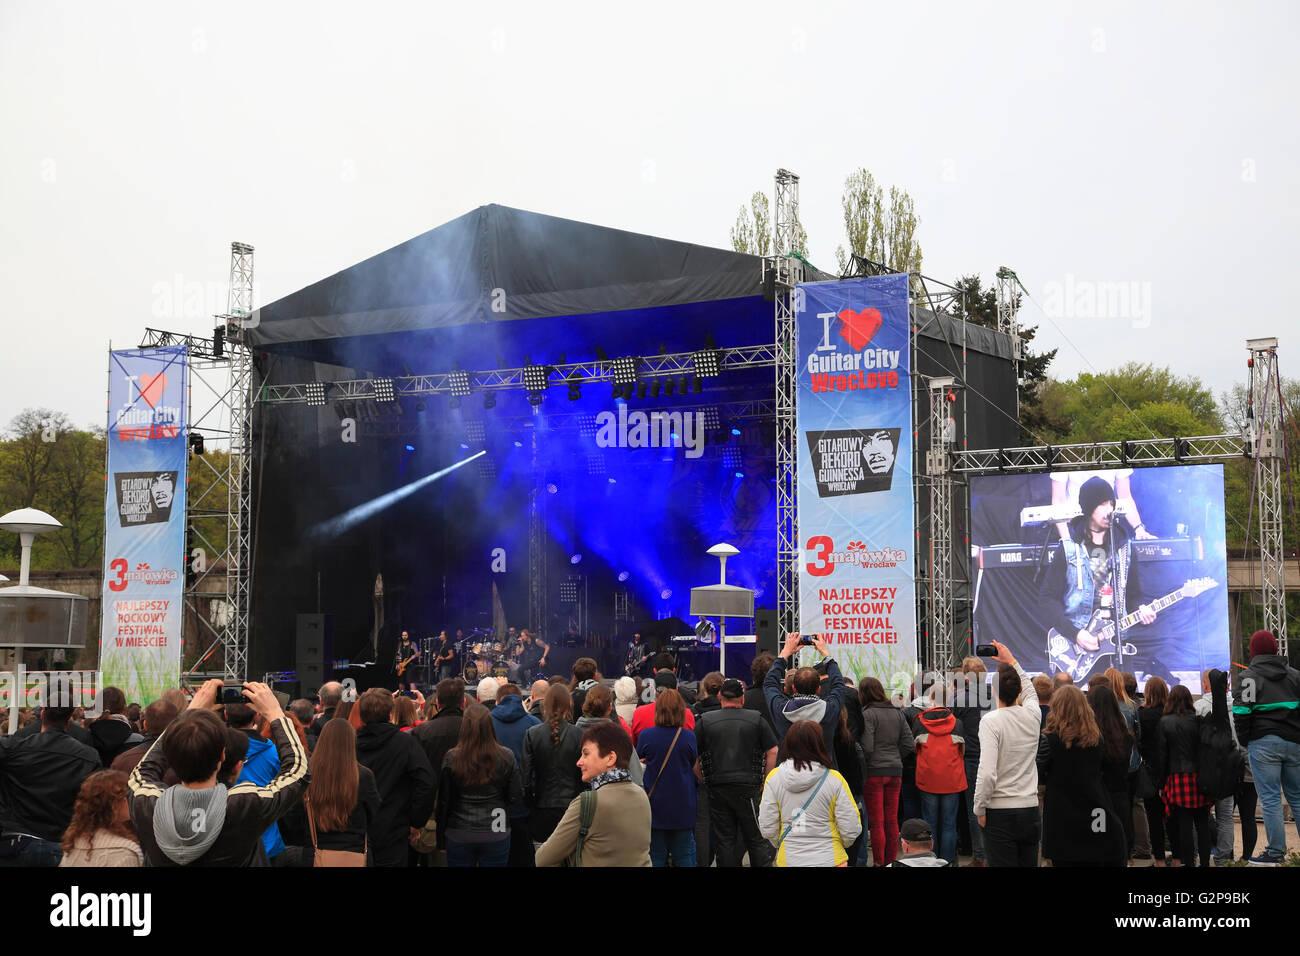 Rockkonzert STATUS QUO at Hala Stulecia, Wroclaw, Silesia, Poland, Europe Stock Photo